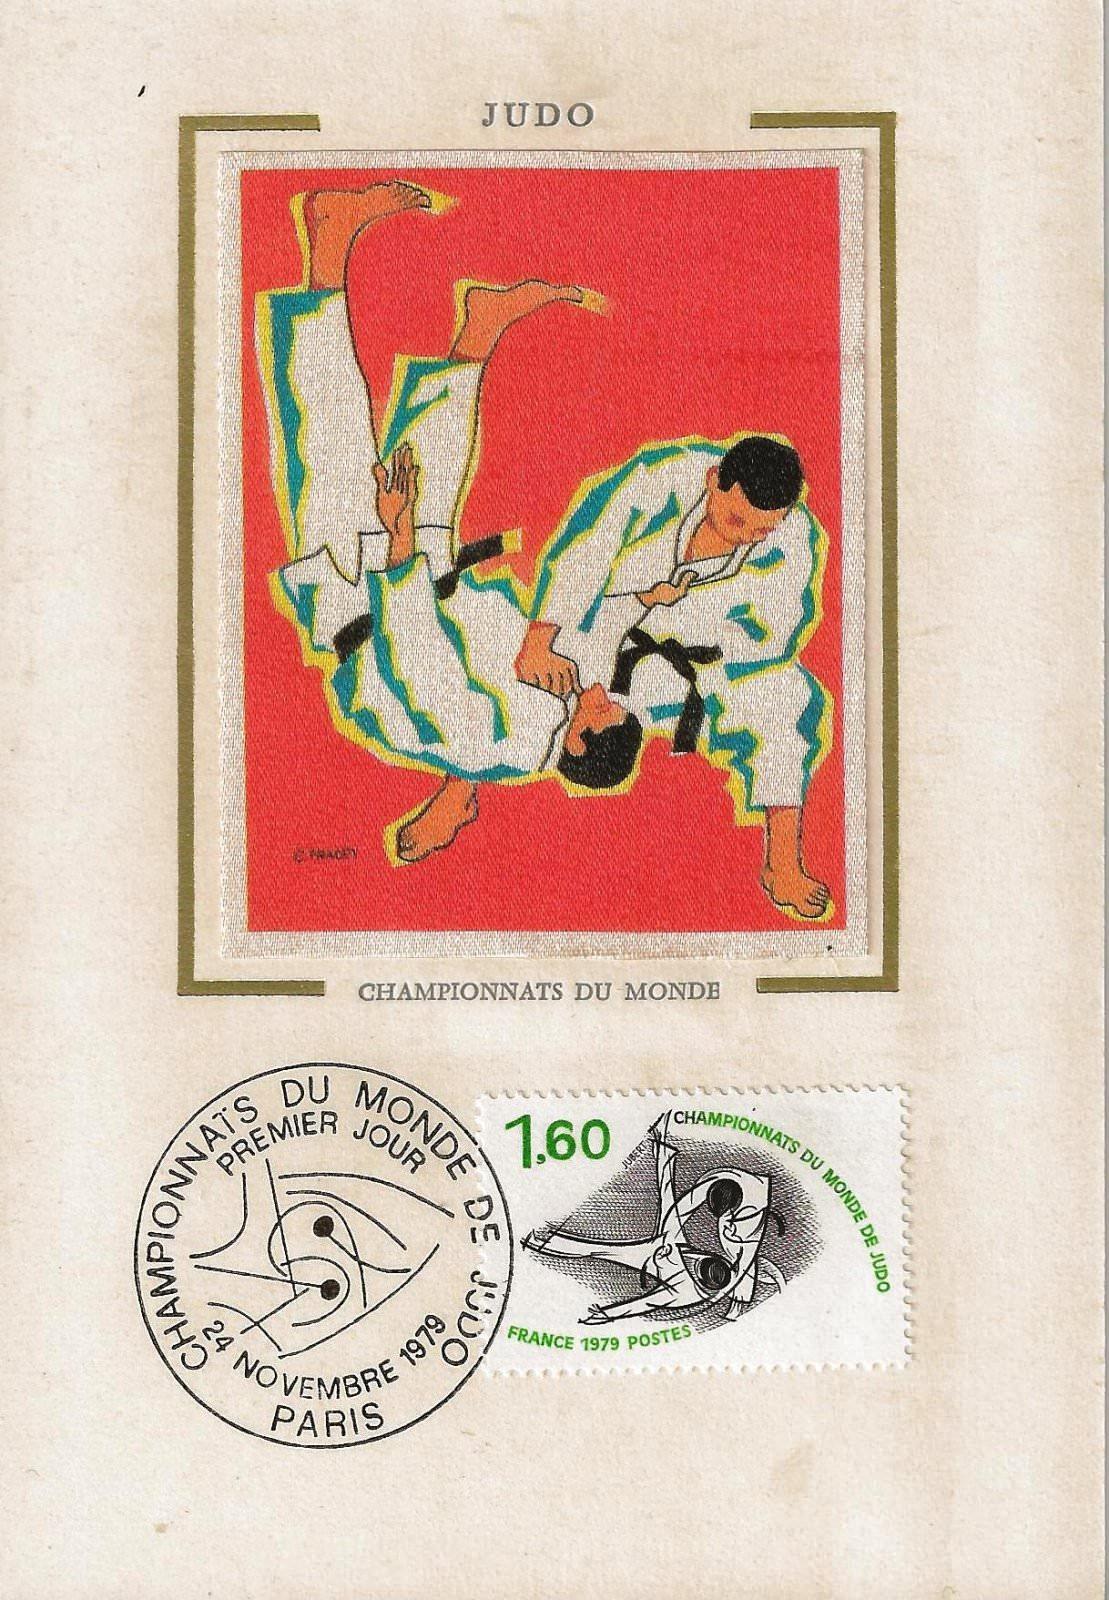 1979 JUDO